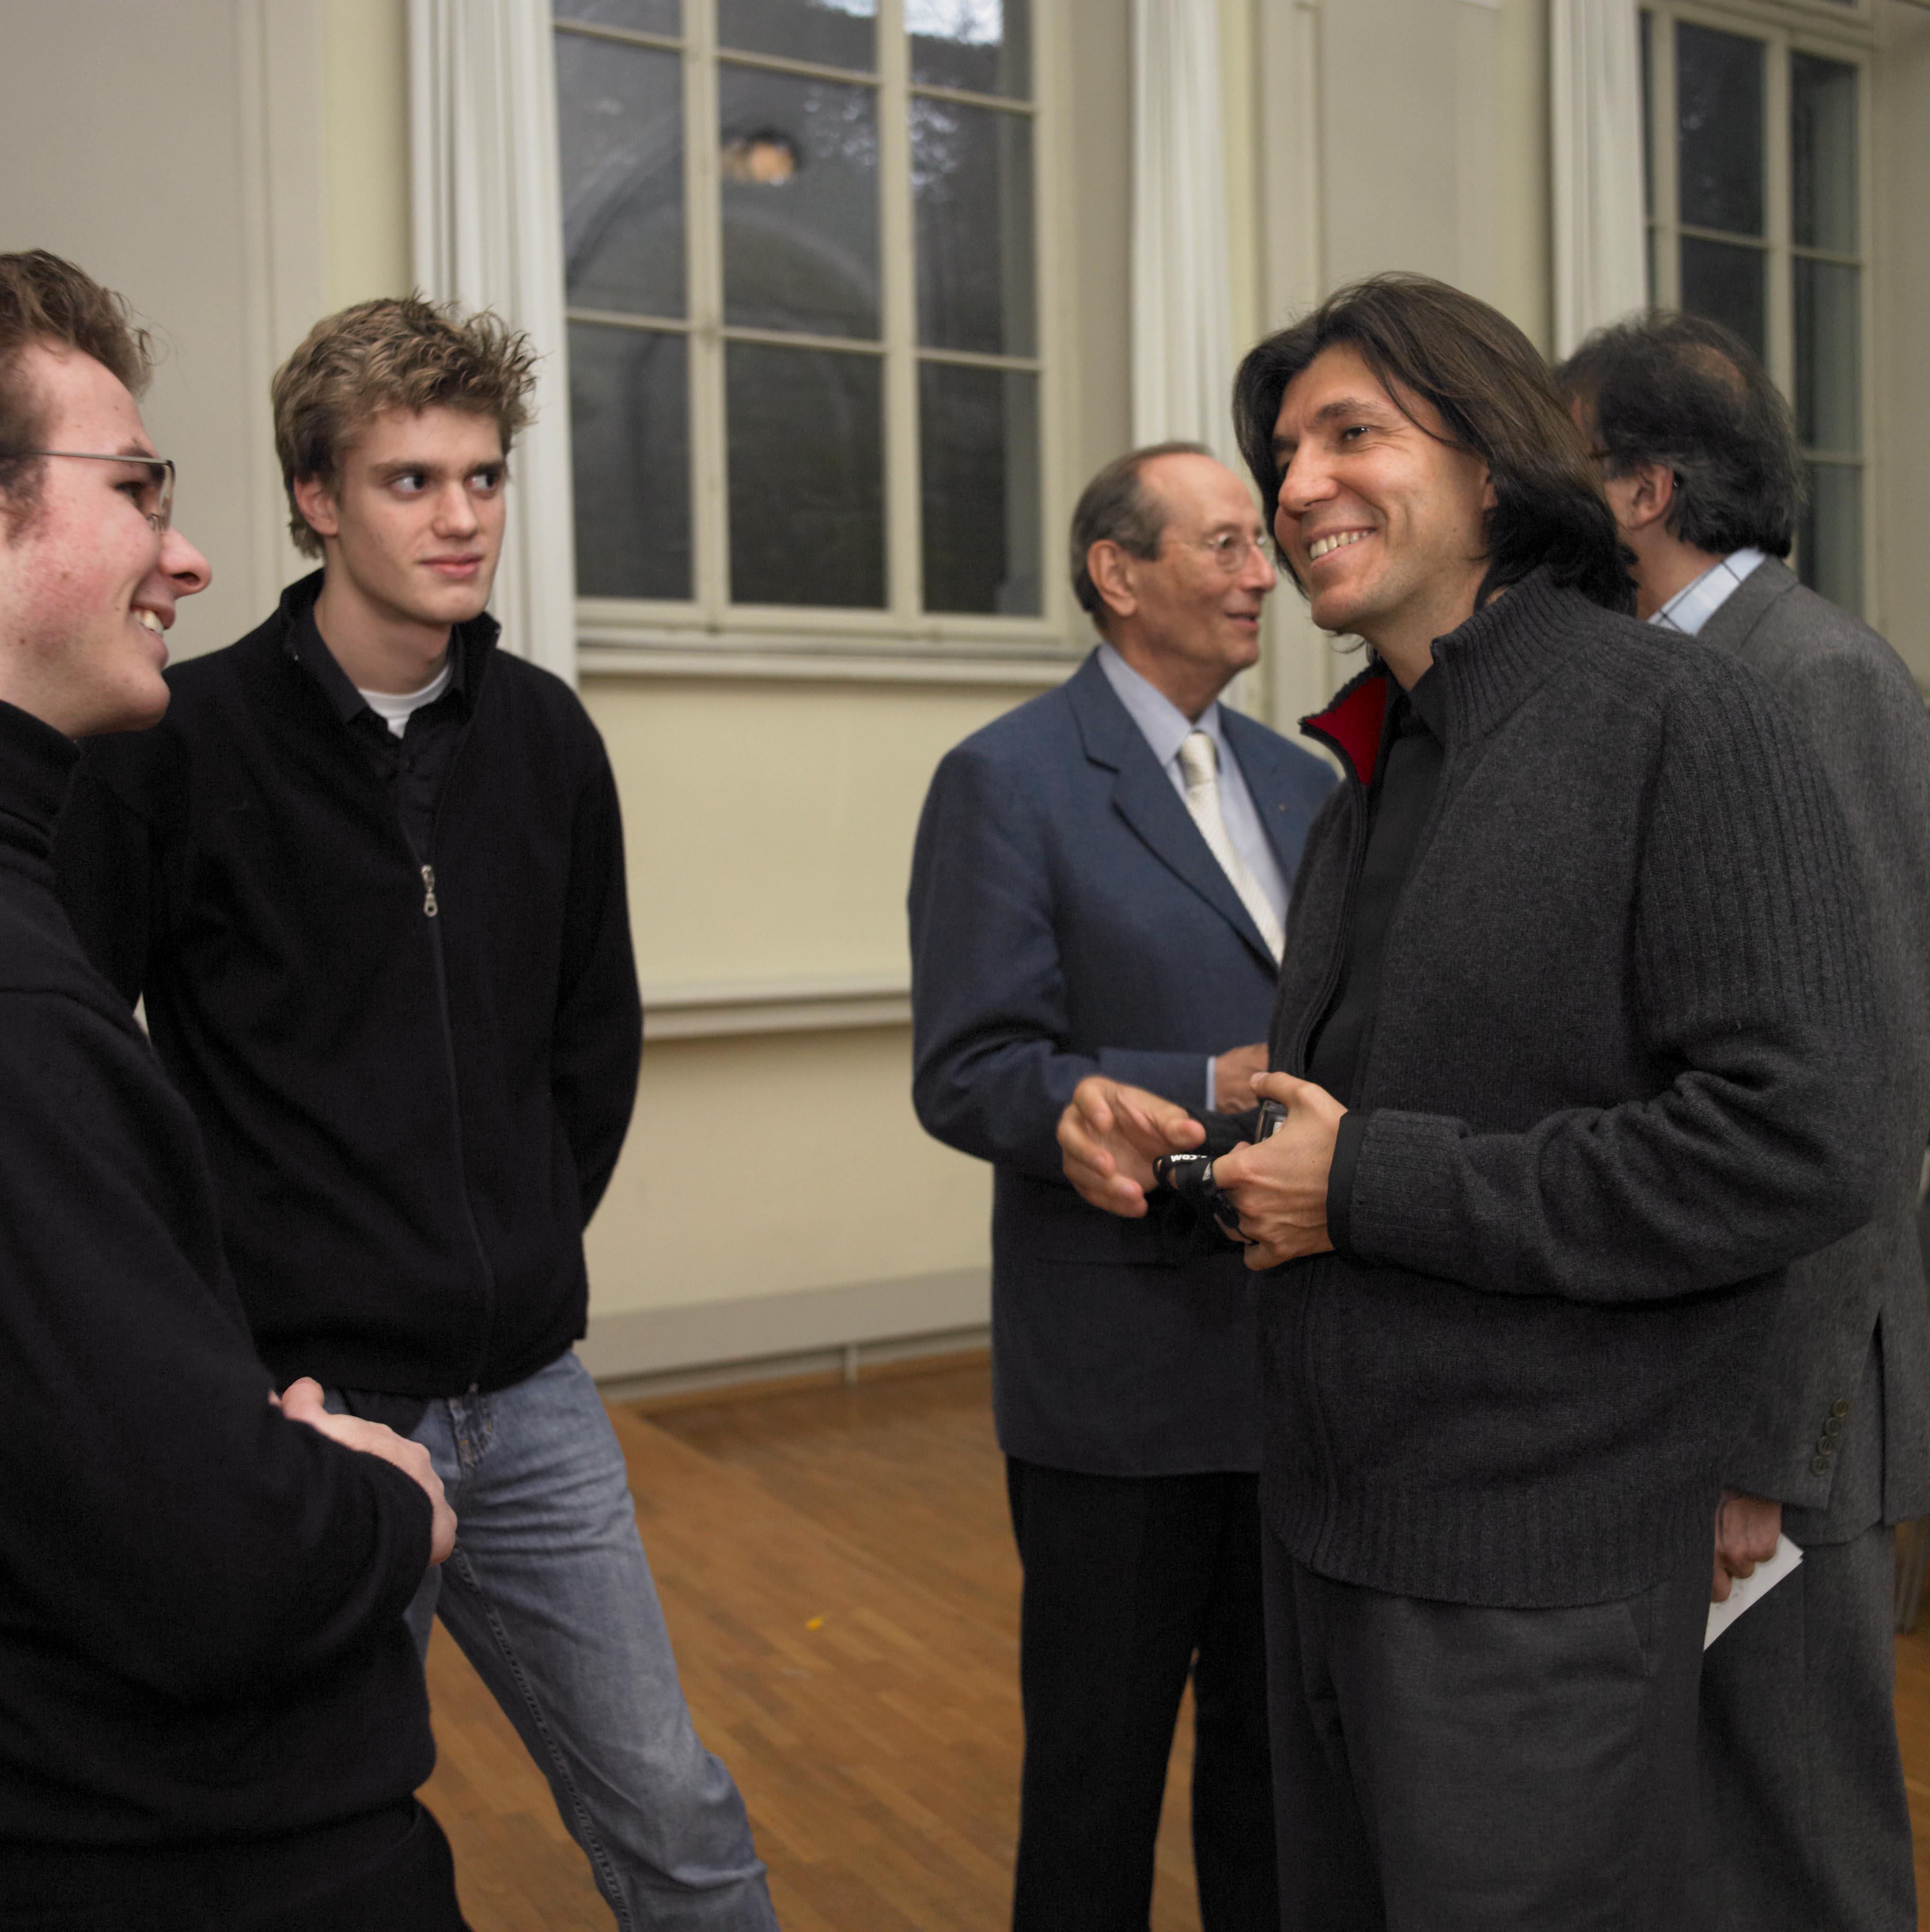 Rahn Musikpreis 2006, Benjamin Nyffenegger, Lionel Cottet, Richardo Castro, H.K. Rahn